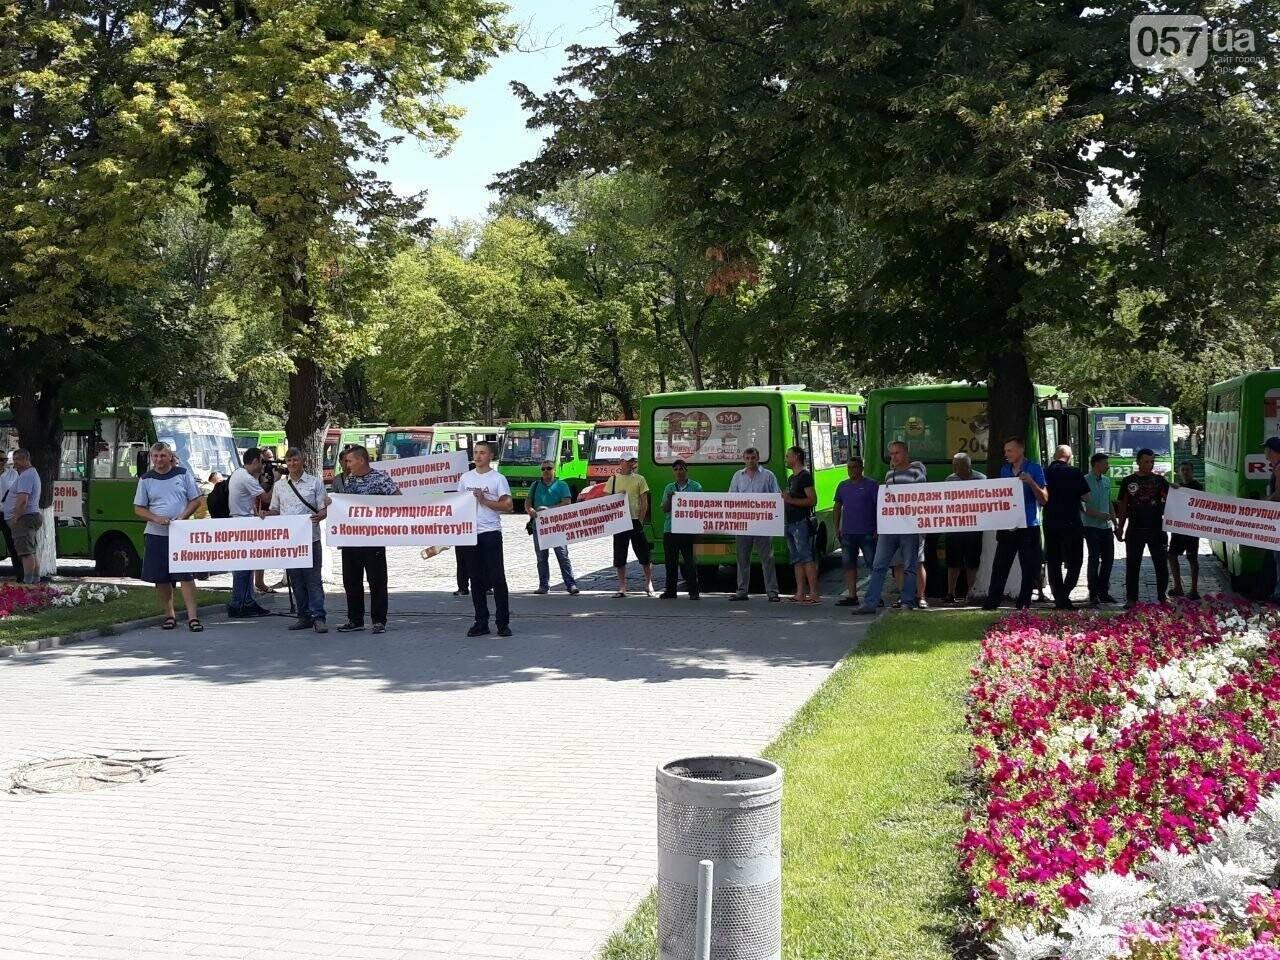 «Долой коррупцию»: в Харькове протестовали сотрудники самого крупного пассажирского перевозчика в области, - ФОТО, фото-16